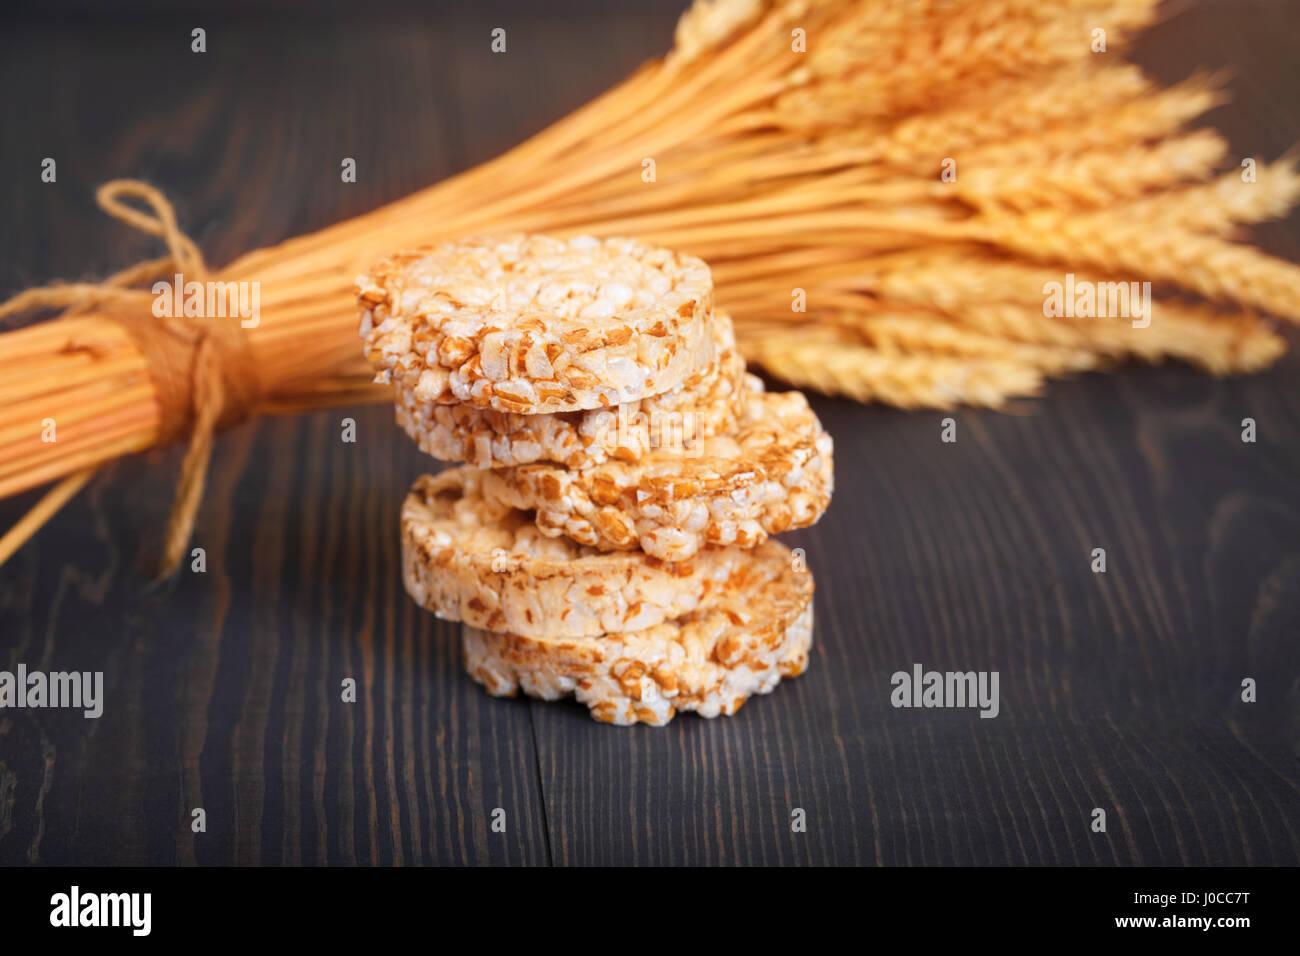 Un régime alimentaire faible apport calorique sur craquelins de grains un fond en bois sombre. Photo Stock